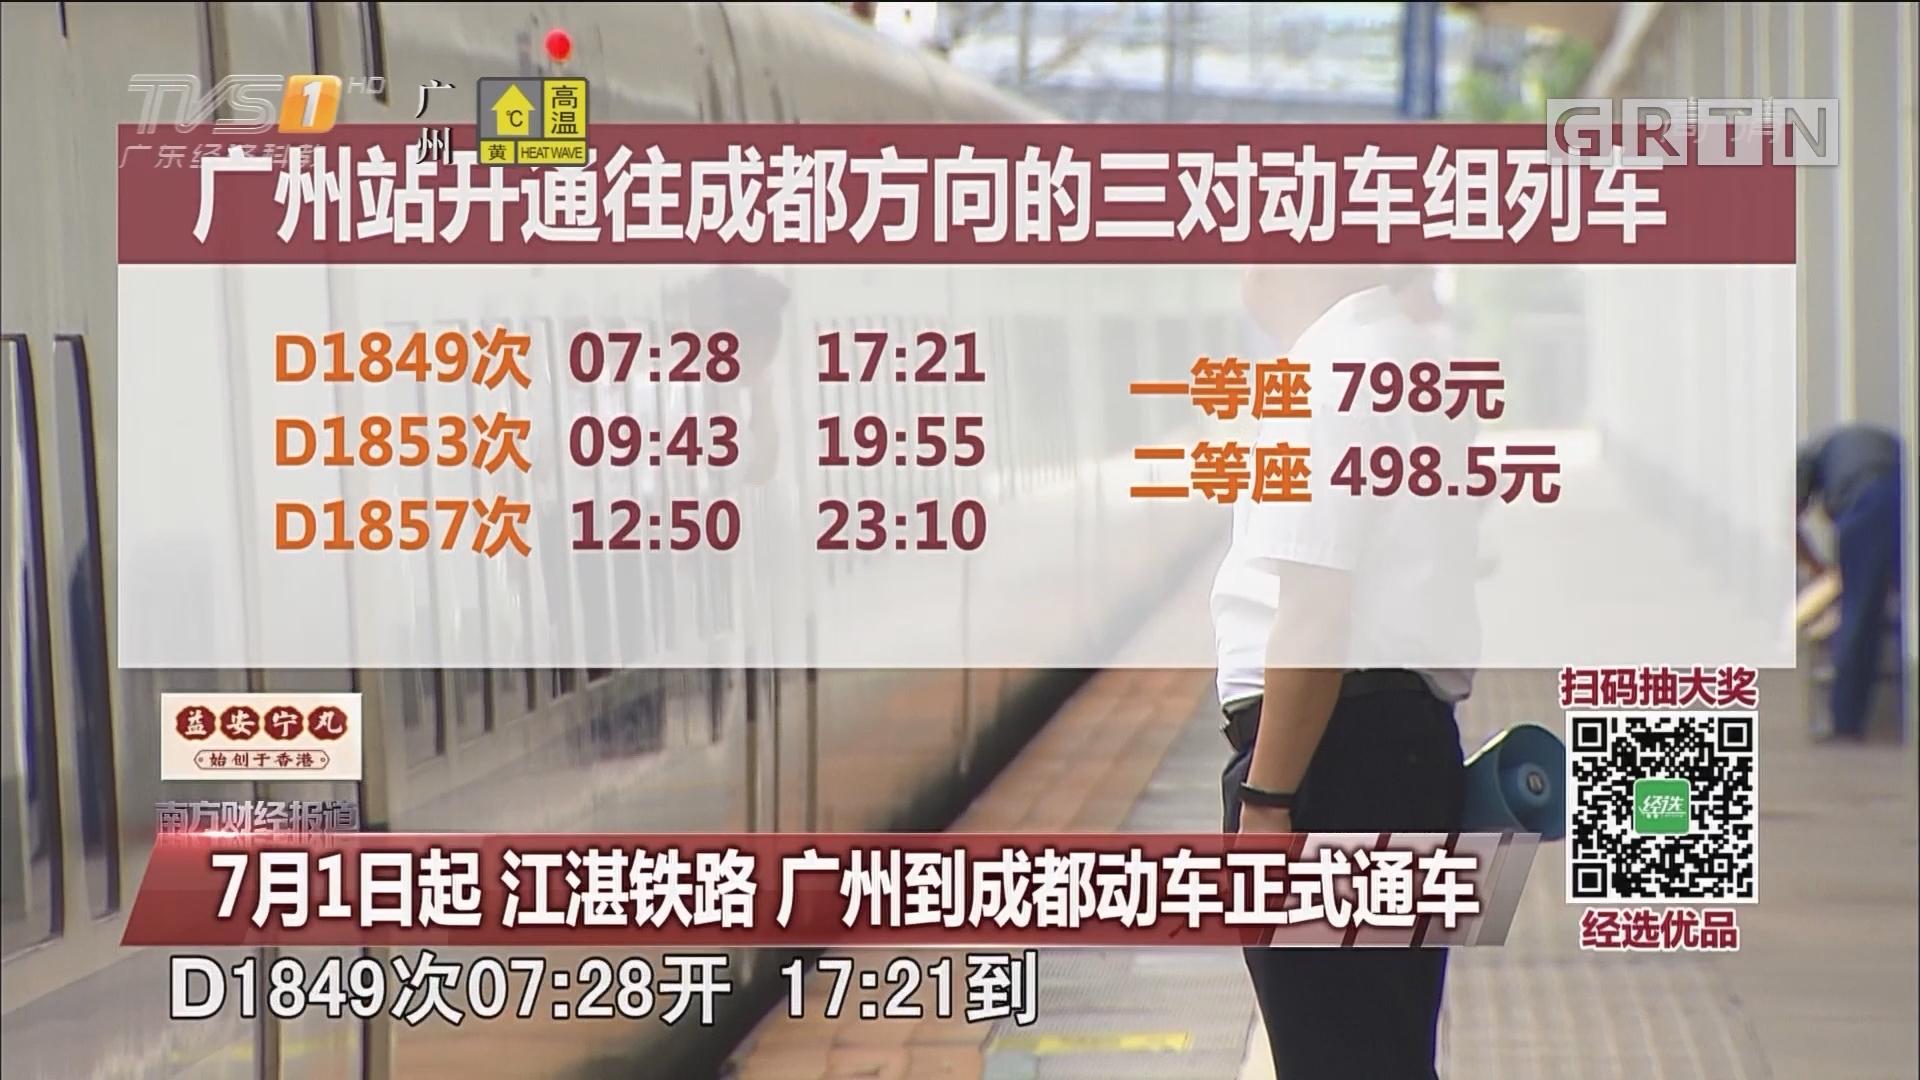 7月1日起 江湛铁路 广州到成都动车正式通车